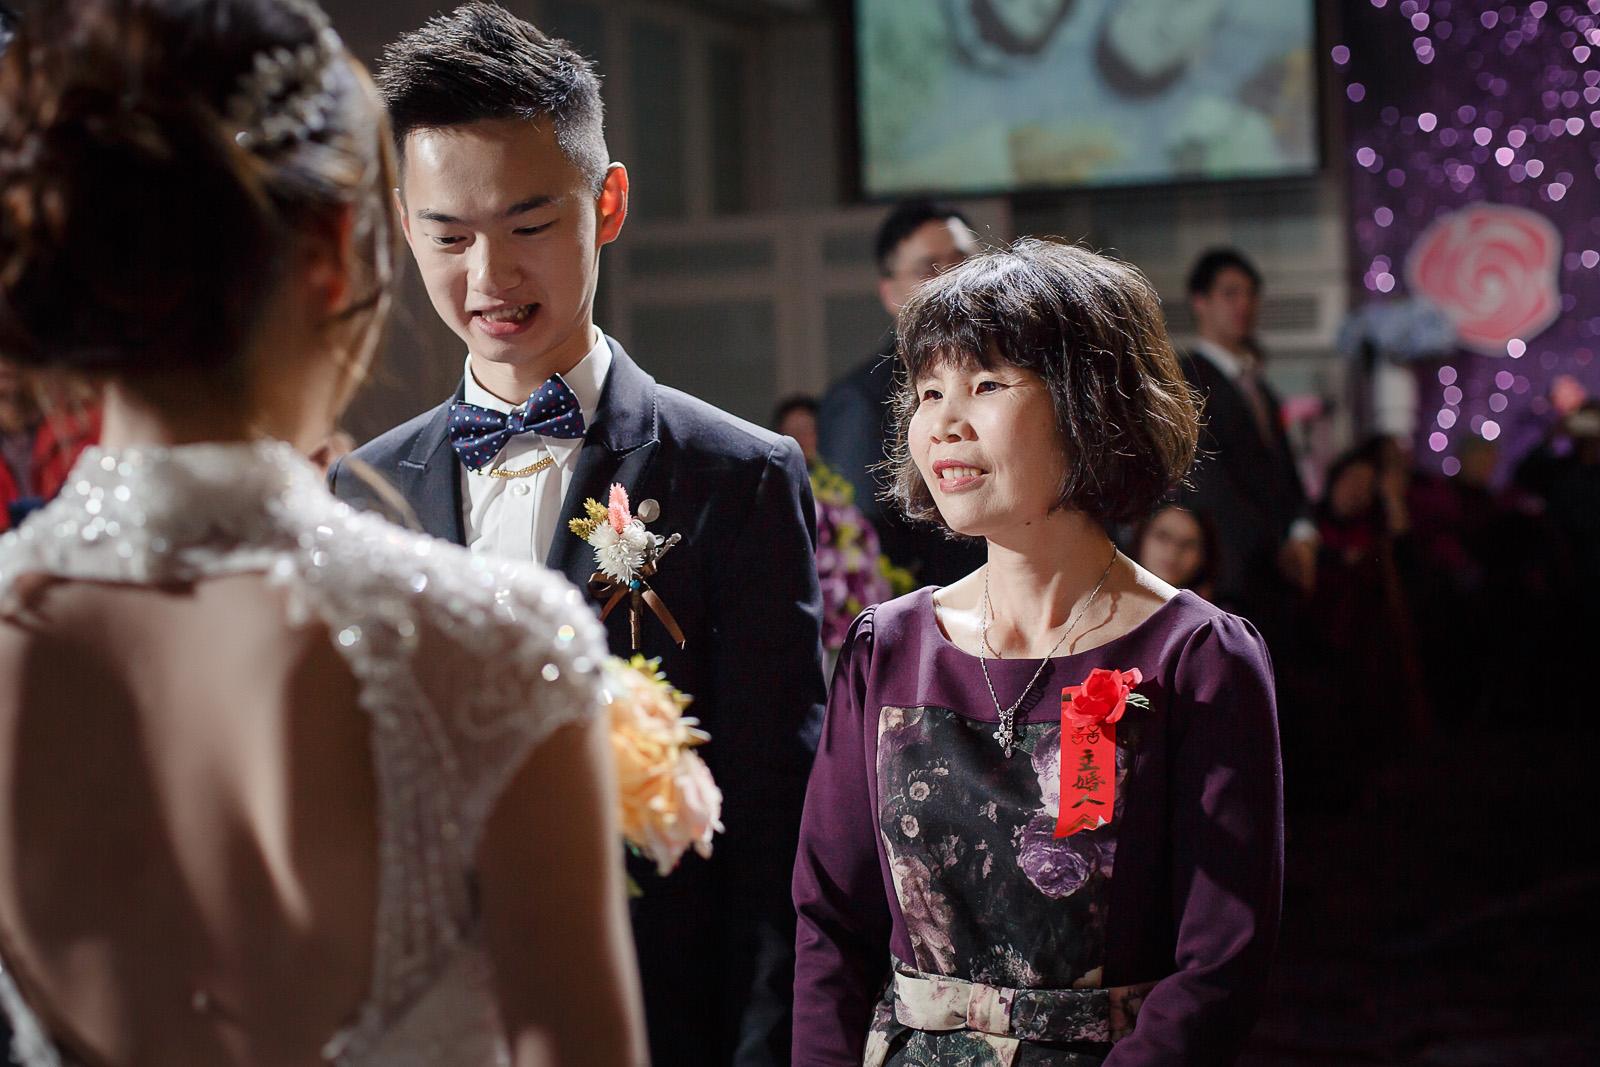 高雄圓山飯店,婚禮攝影,婚攝,高雄婚攝,優質婚攝推薦,Jen&Ethan-246